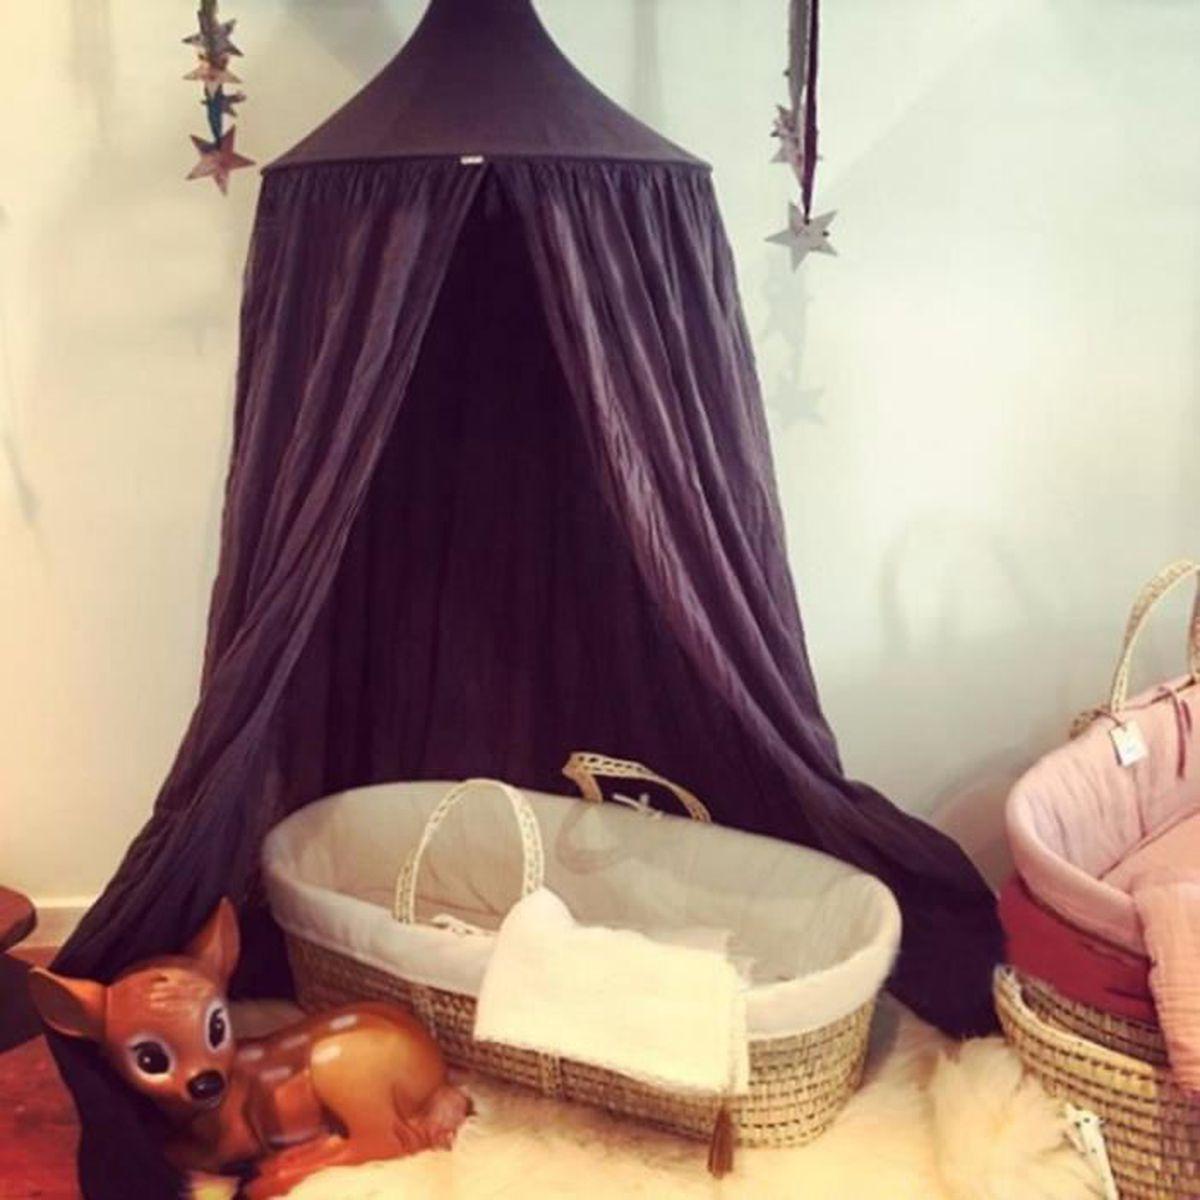 moustiquaire de lit tente achat vente moustiquaire de lit tente pas cher les soldes sur. Black Bedroom Furniture Sets. Home Design Ideas